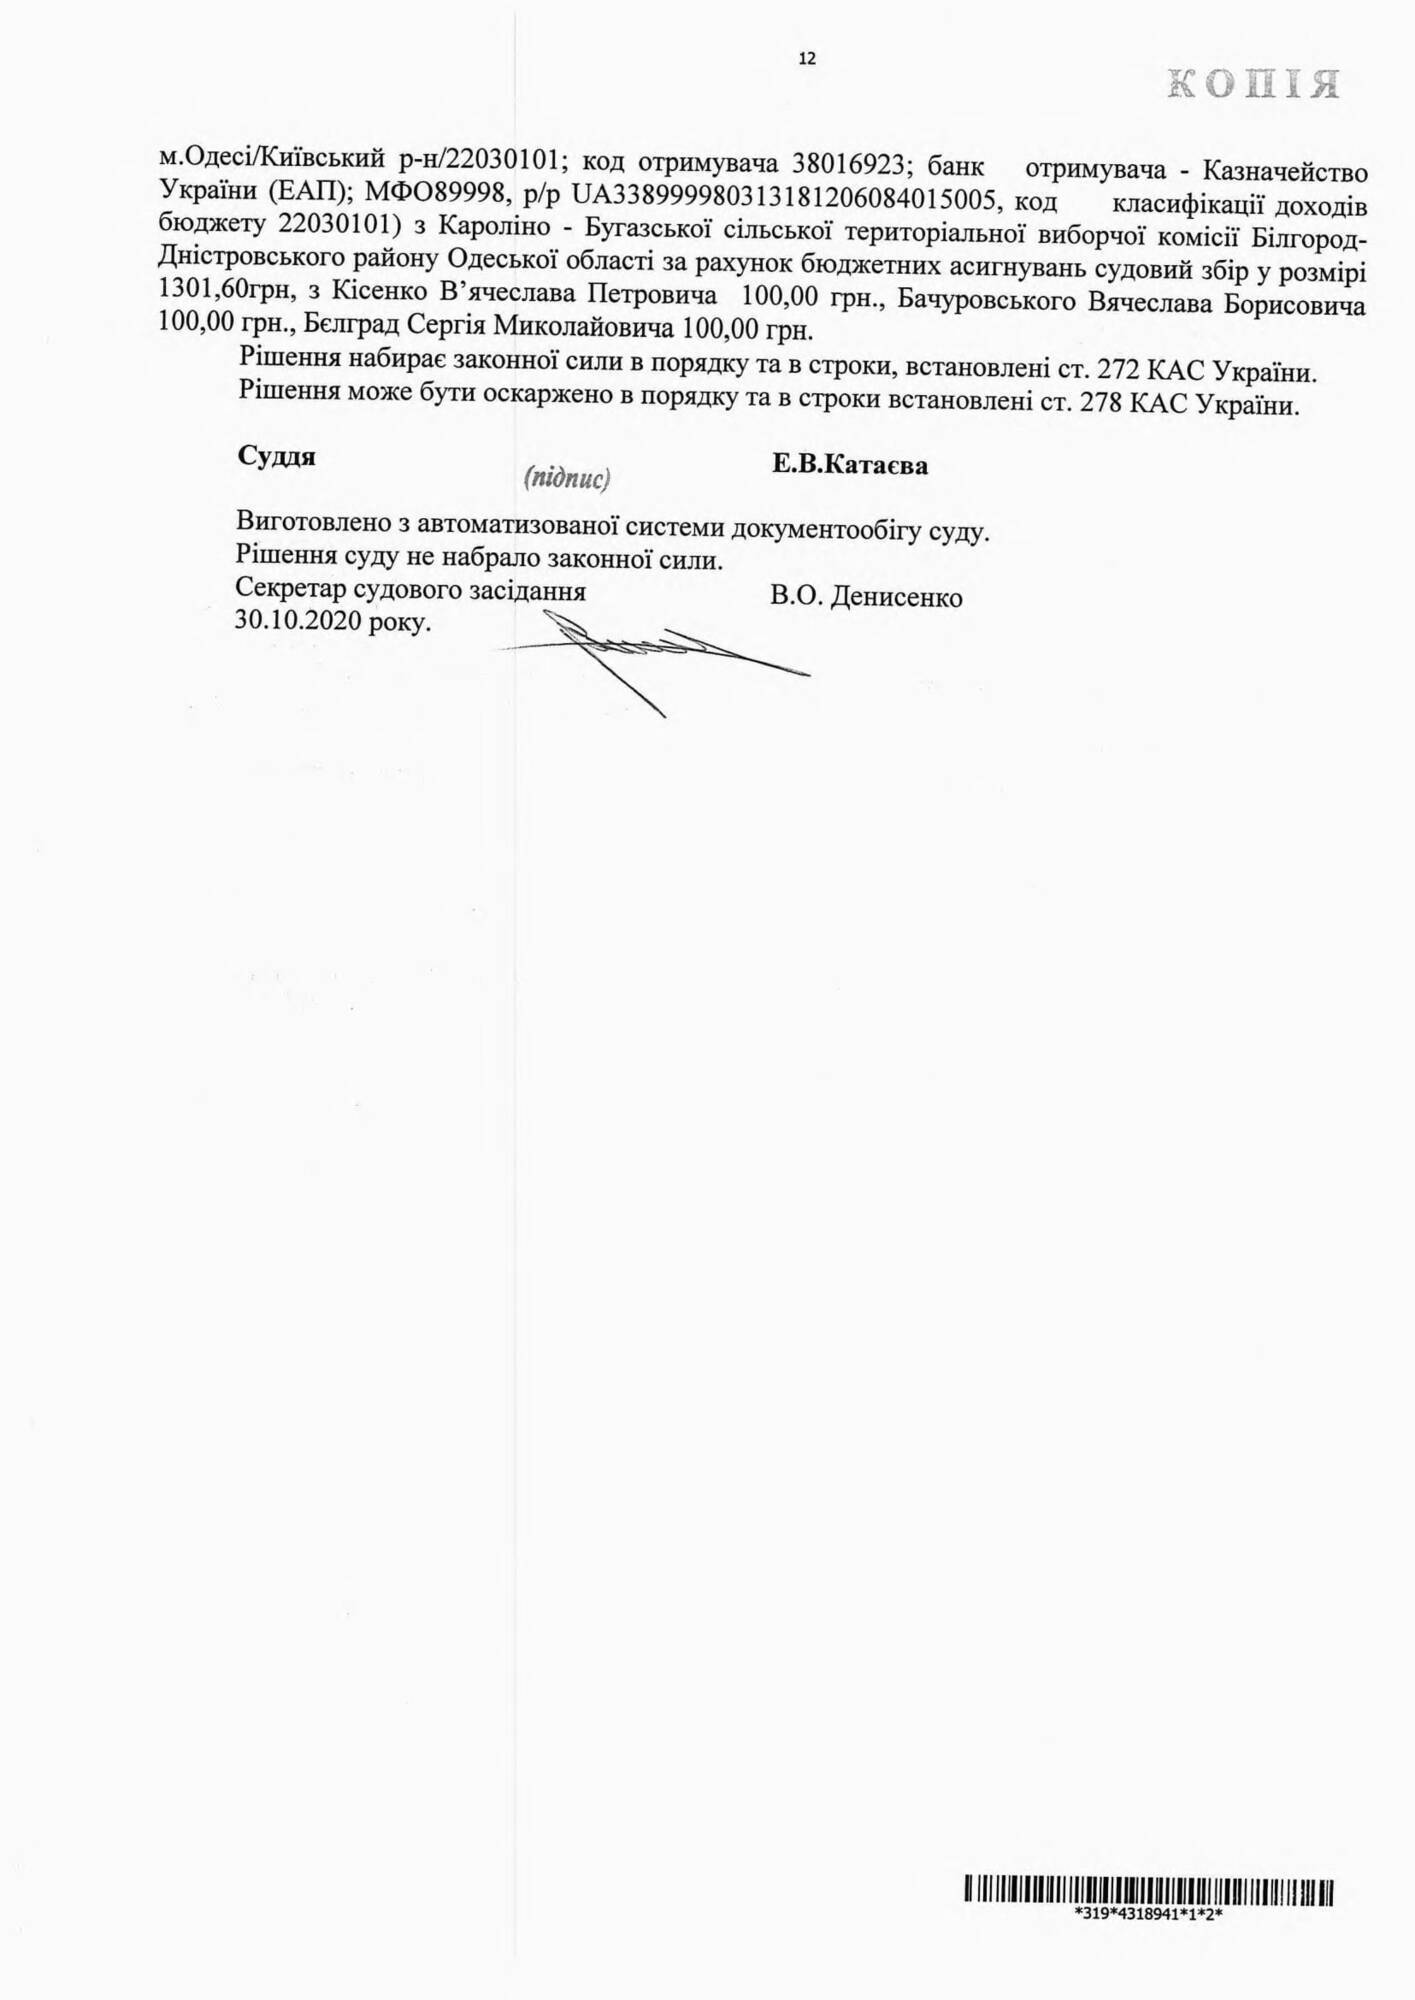 ТВК в Кароліно-Бугазі повідомила ЦВК, що місцеві вибори визнані такими, що відбулися